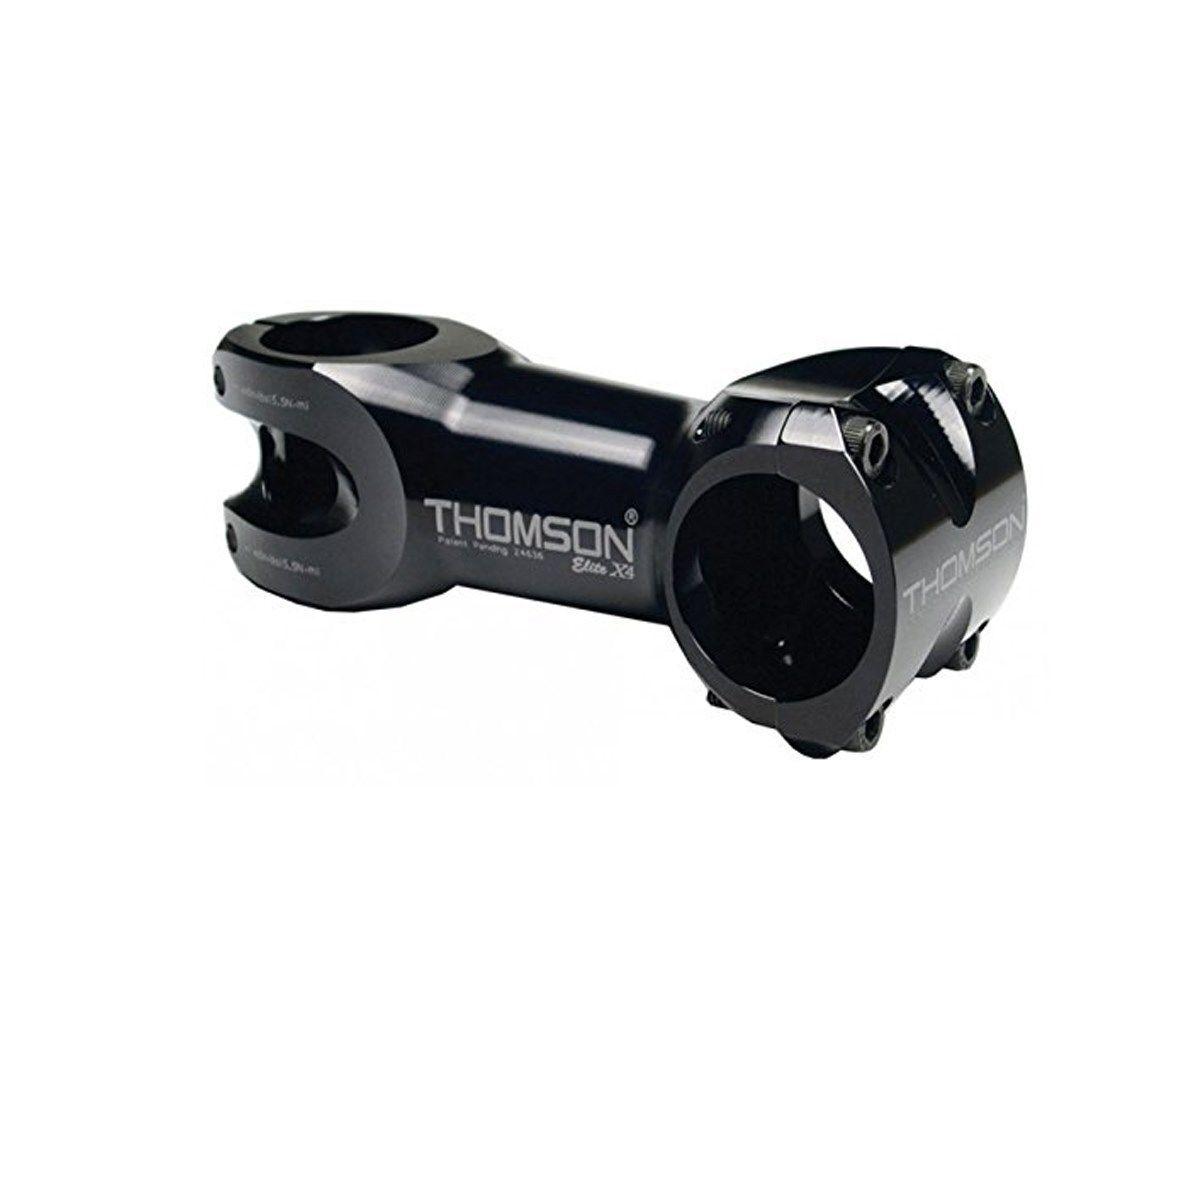 Thomson Elite X4 montaña tallo 95mm + - 0 grado 31.8 1.5  Negro Tubo De Dirección